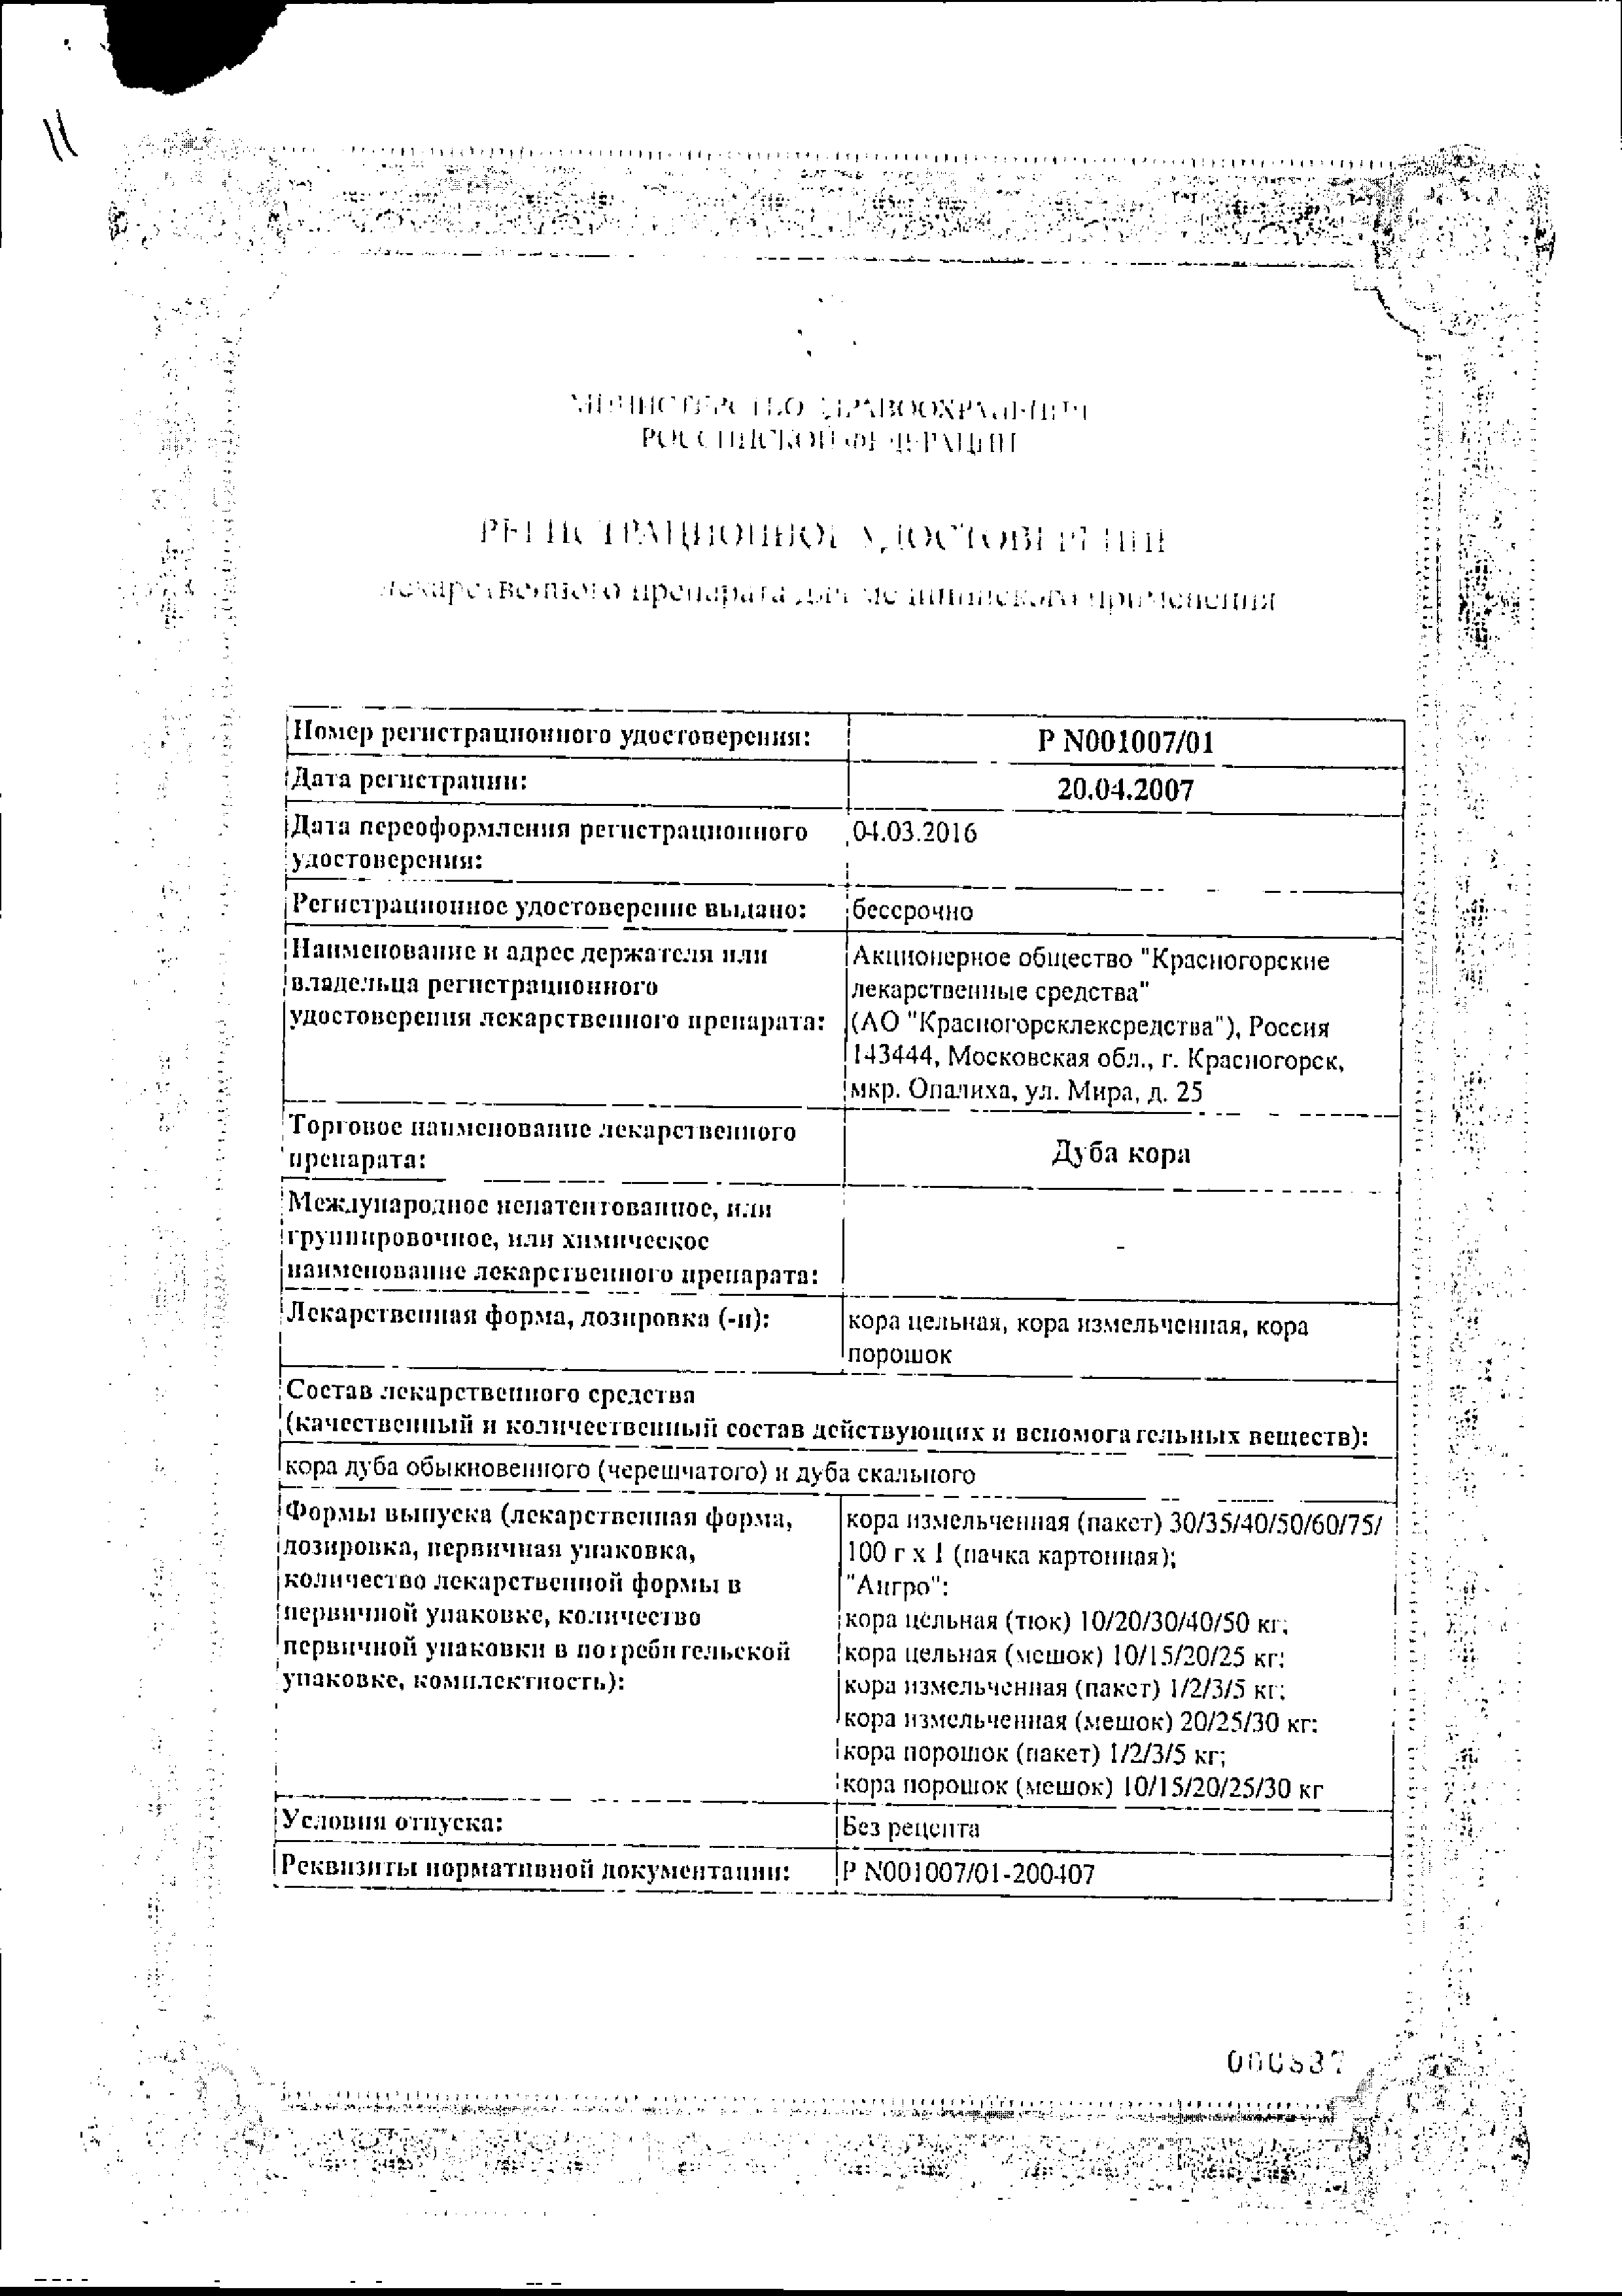 Дуба кора сертификат